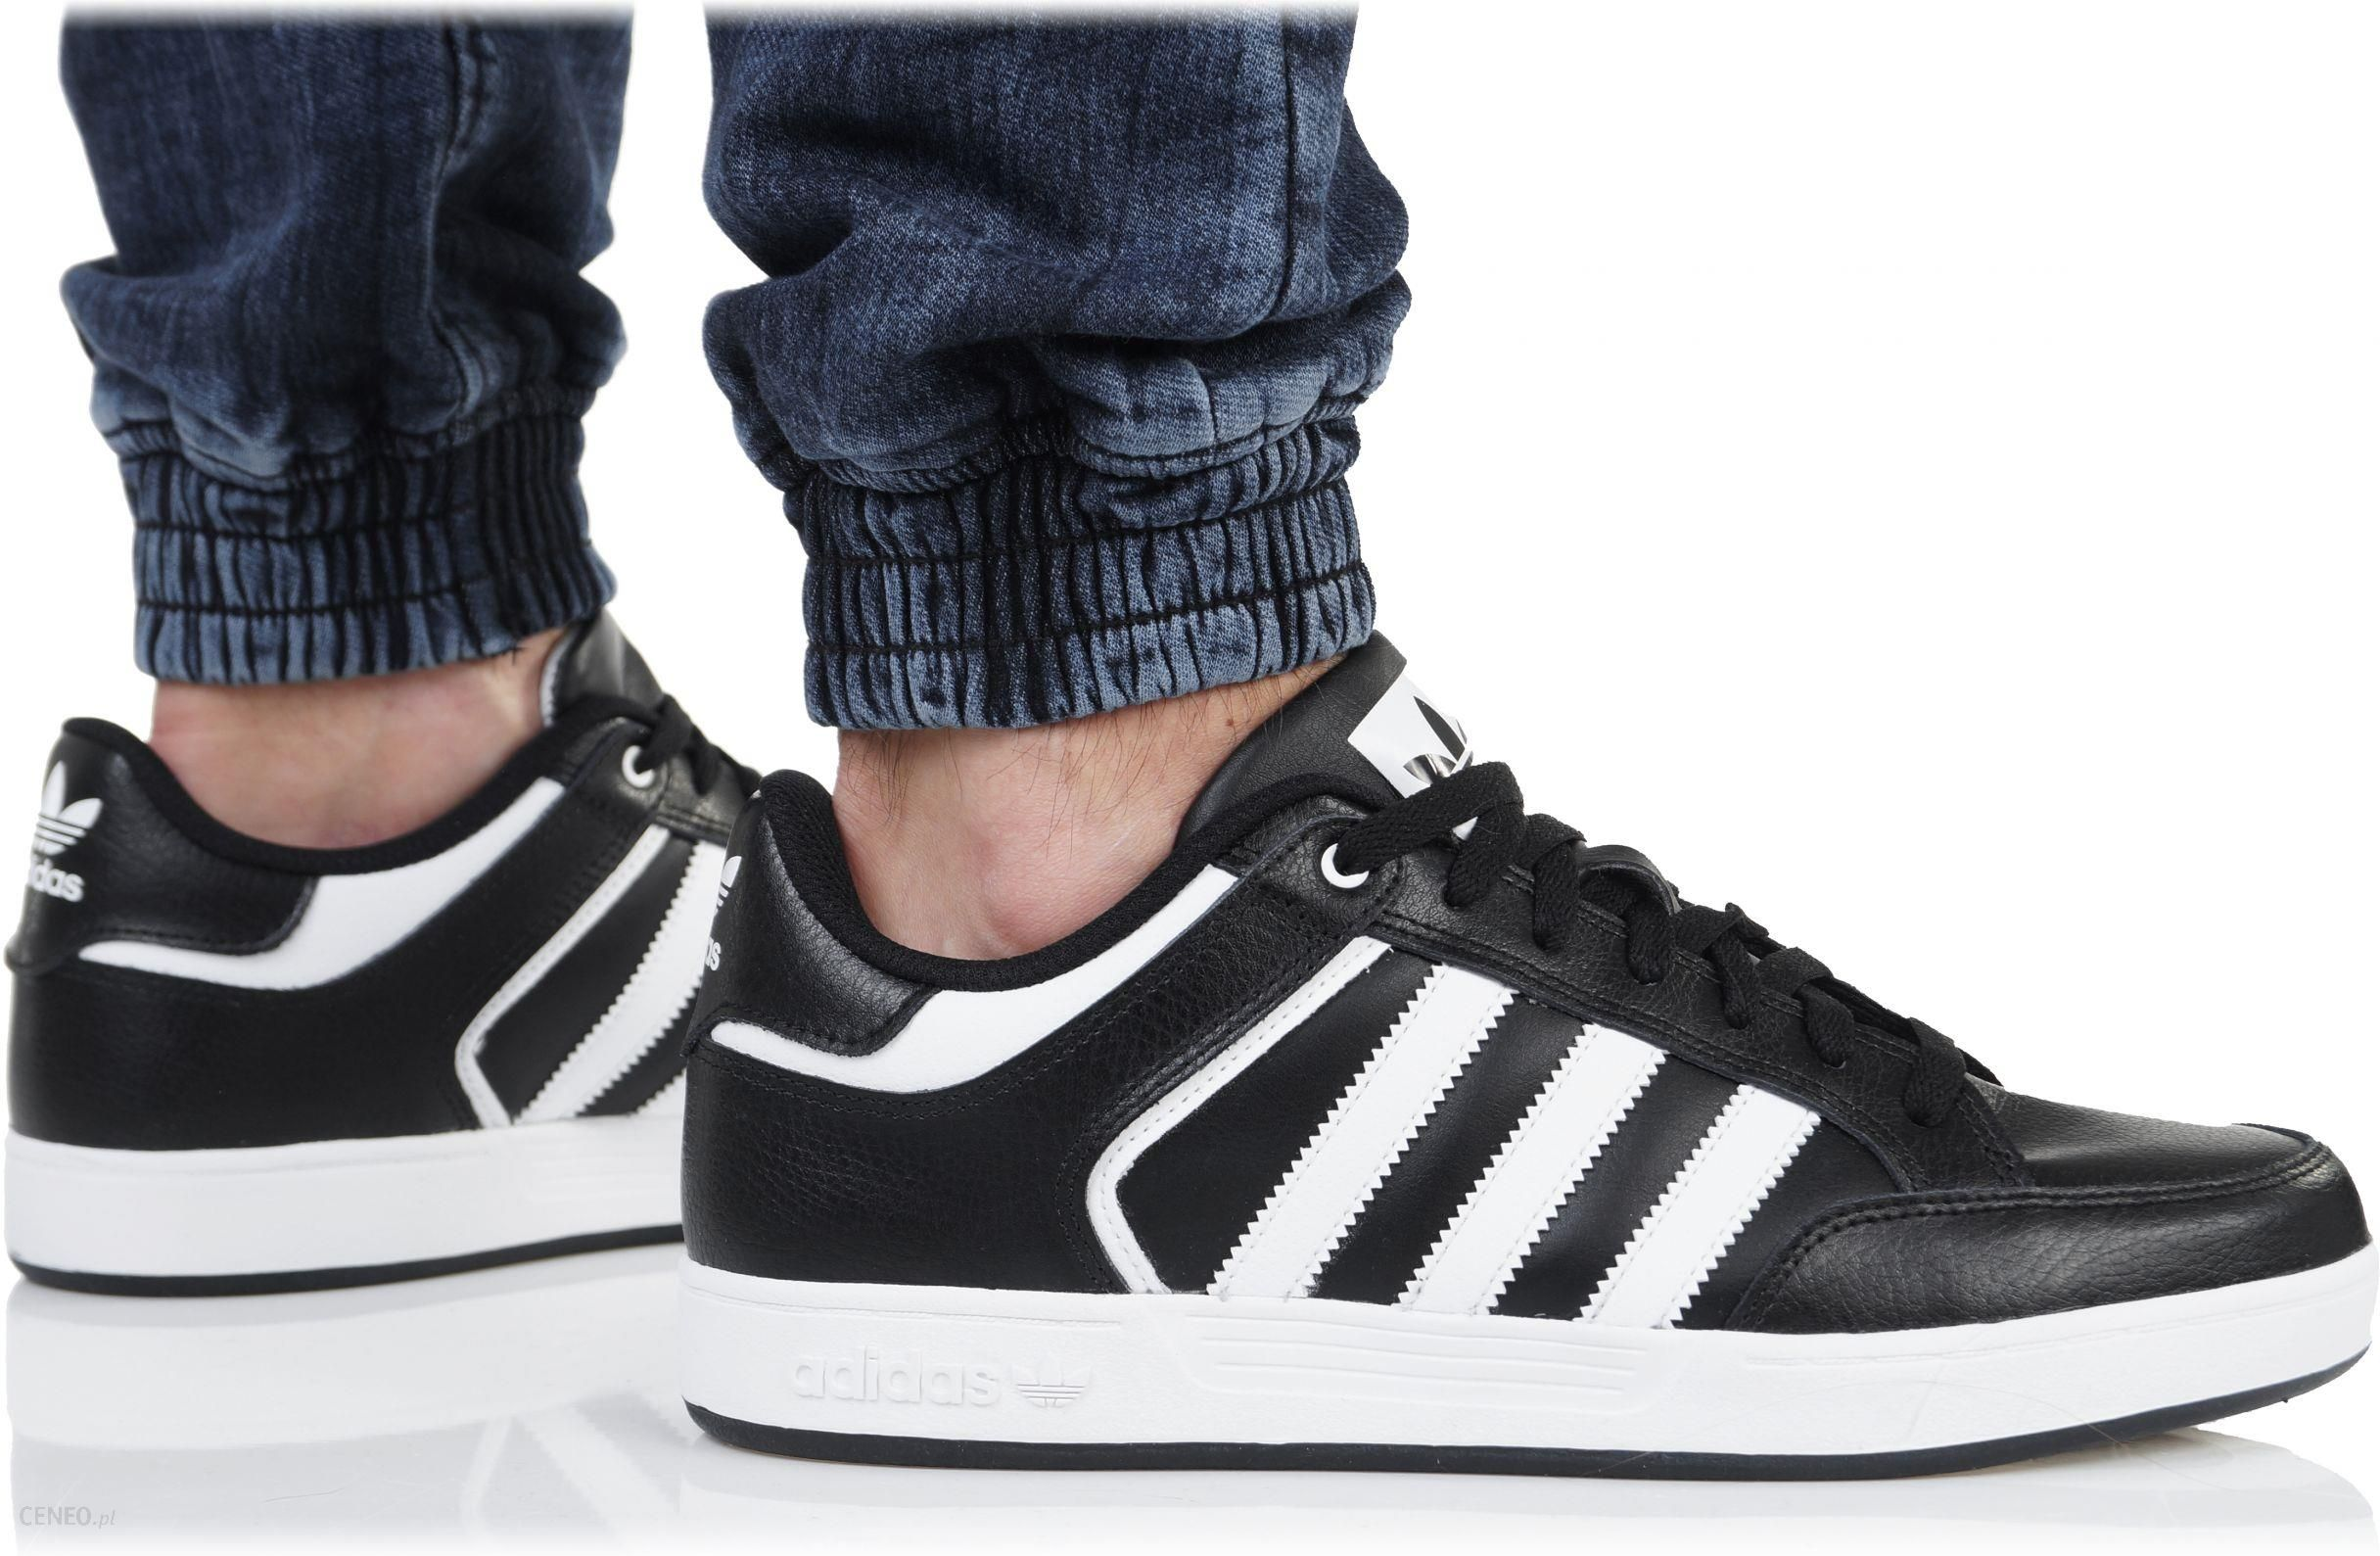 Adidas Hoops 2.0 B44699 Buty Męskie R 44 23 Ceny i opinie